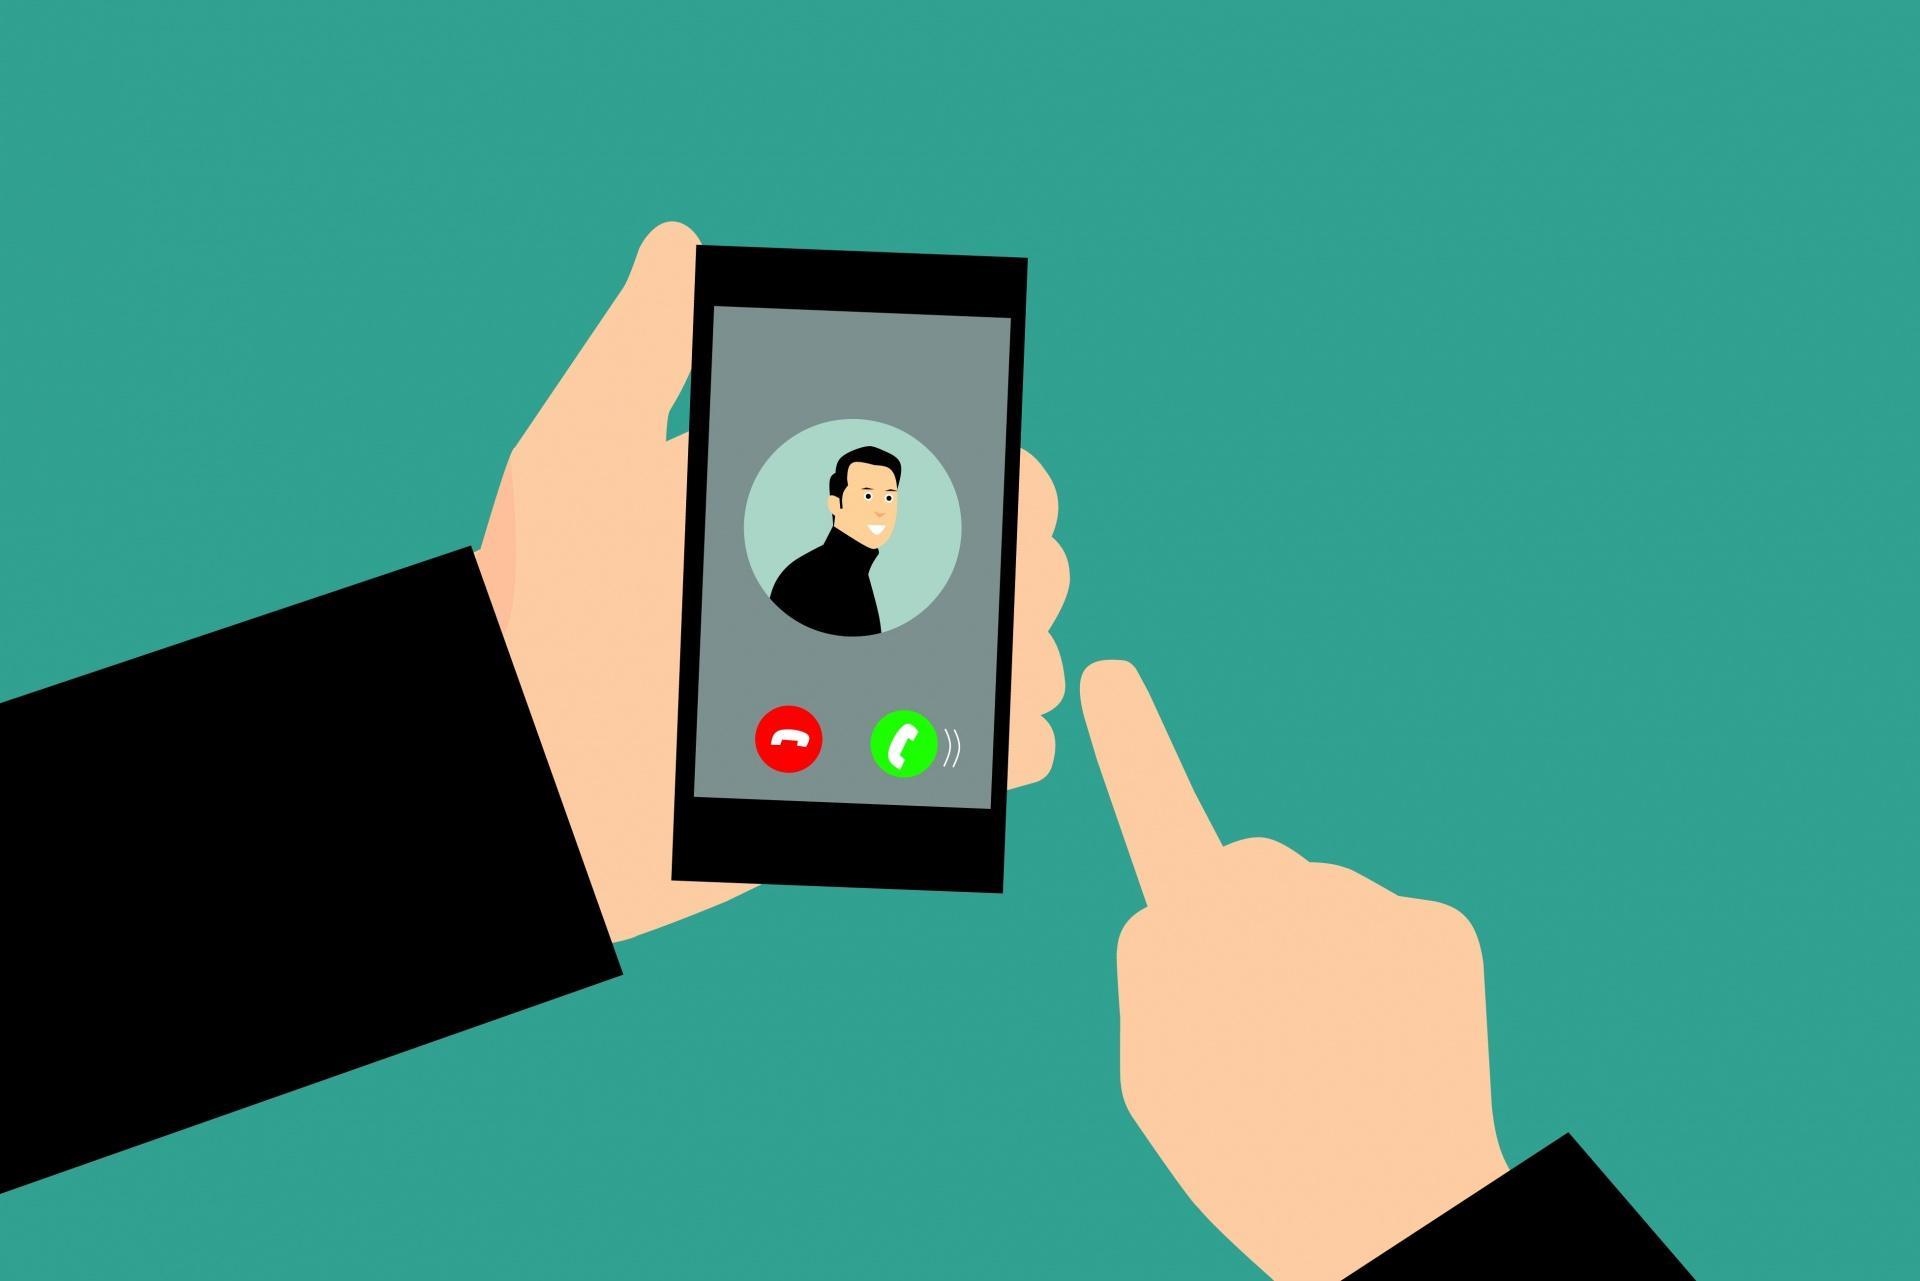 Приложения для блокировки рекламных звонков испама насмартфоне